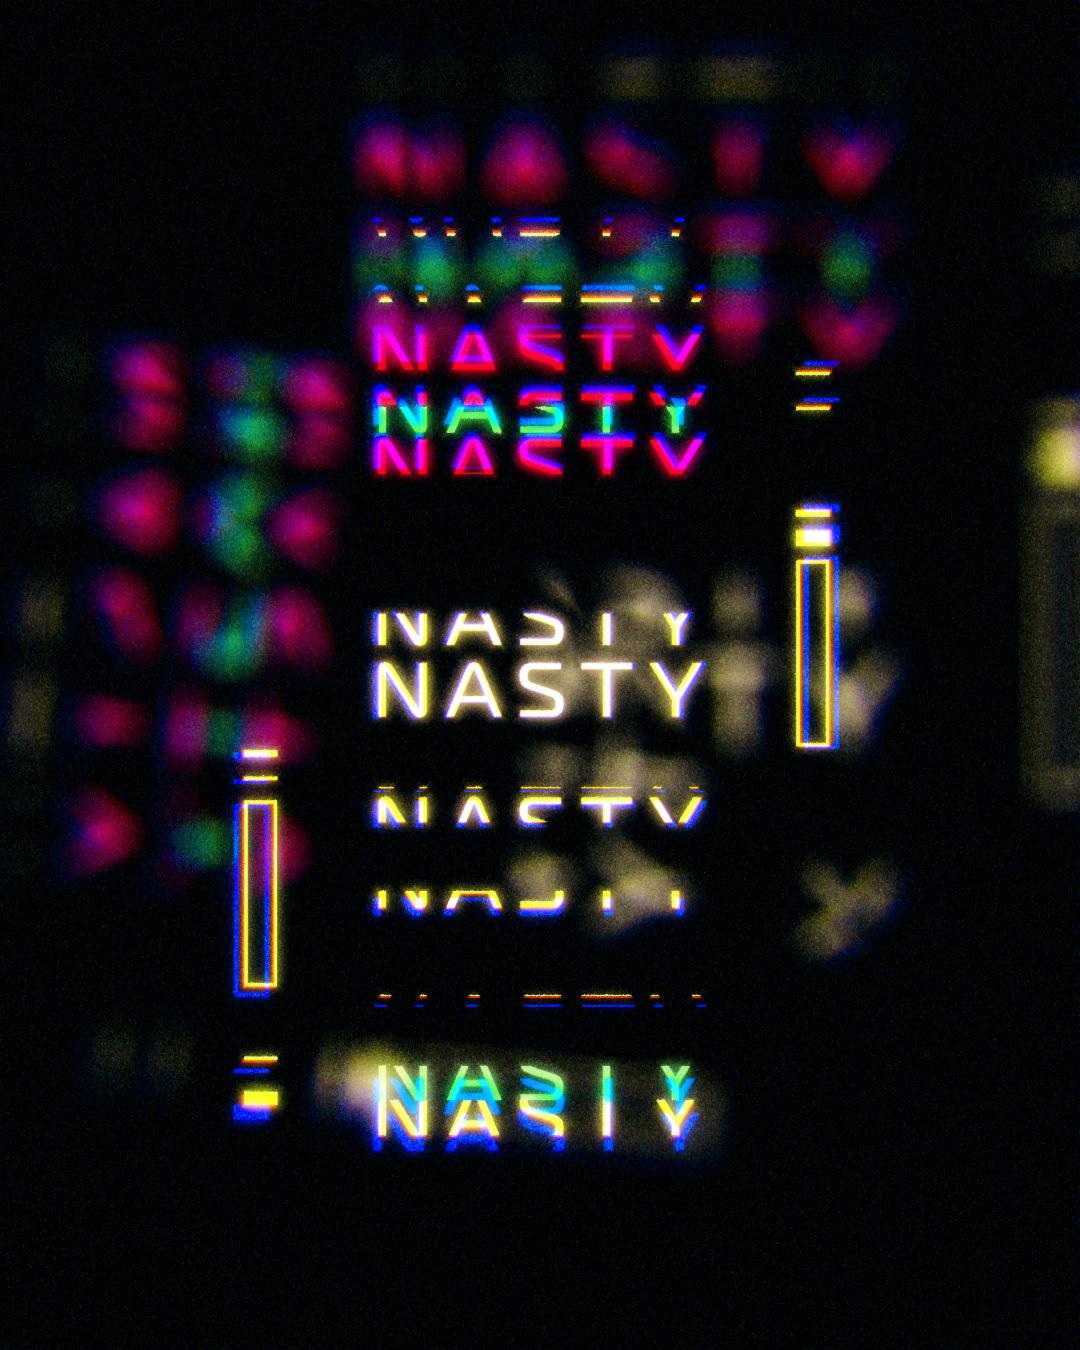 nasty.jpg